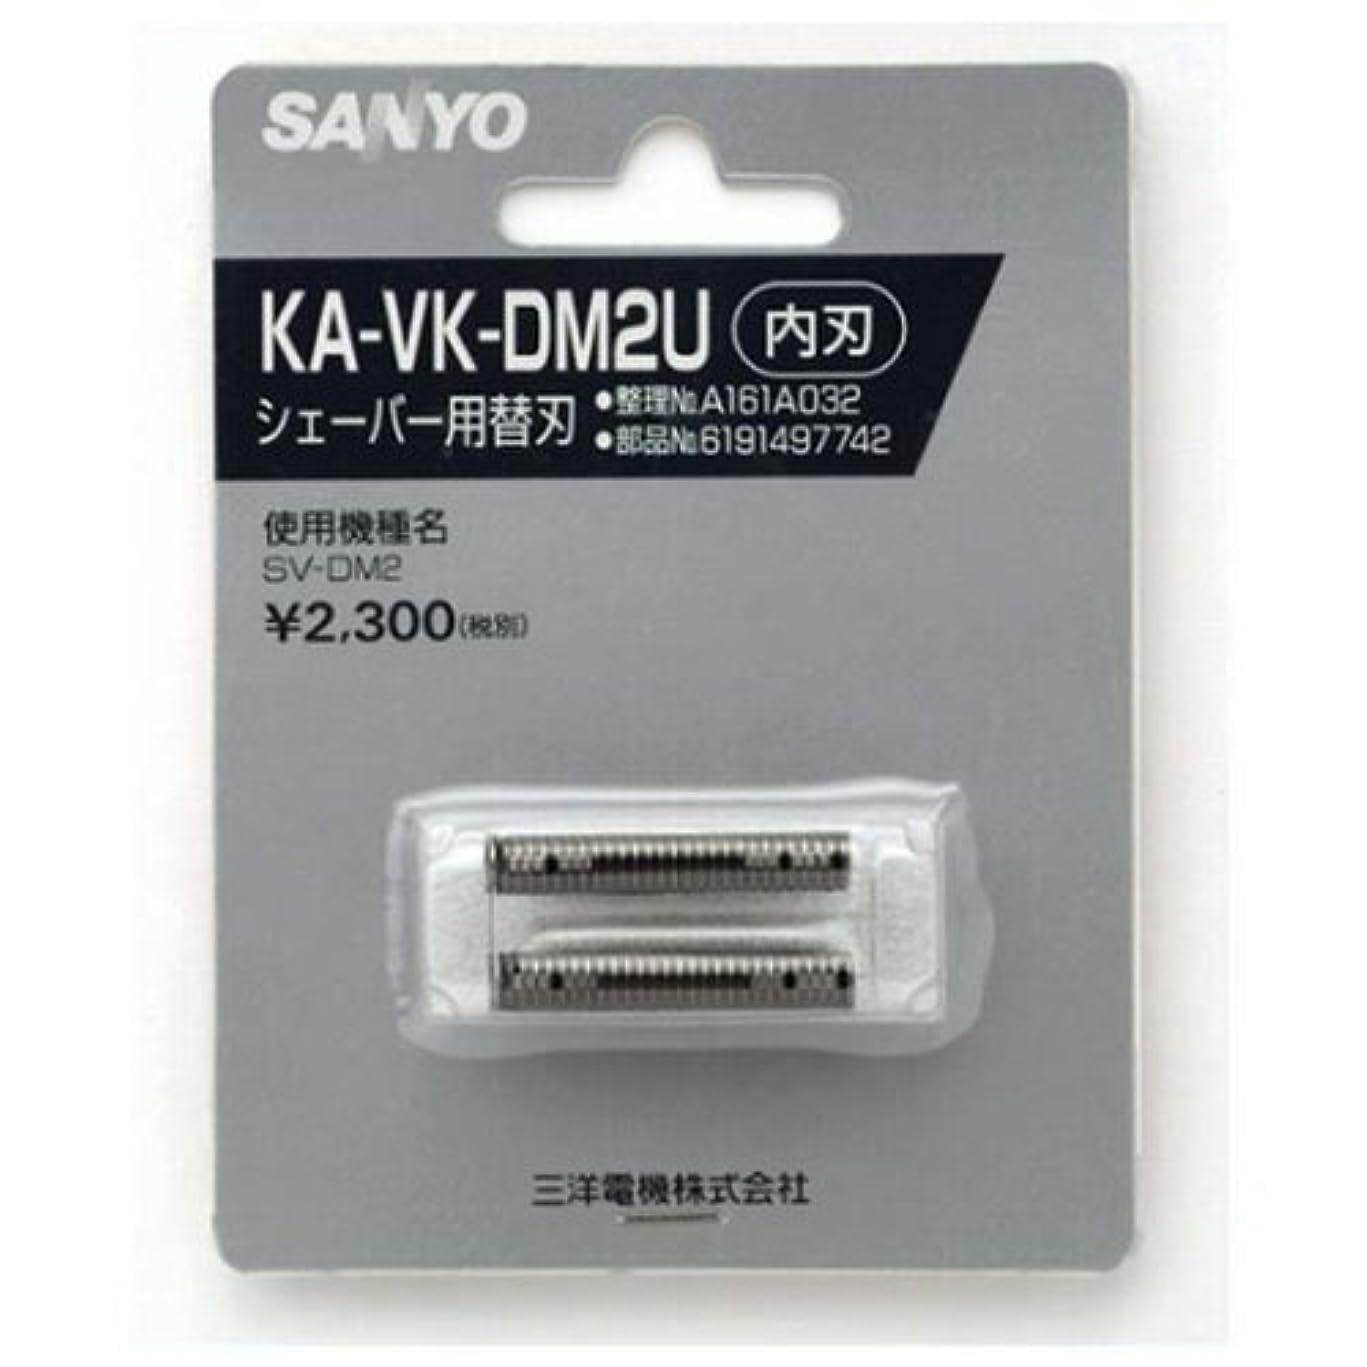 伝えるアルネスライムサンヨー 交換用替刃(内刃) KA-VK-DM2U